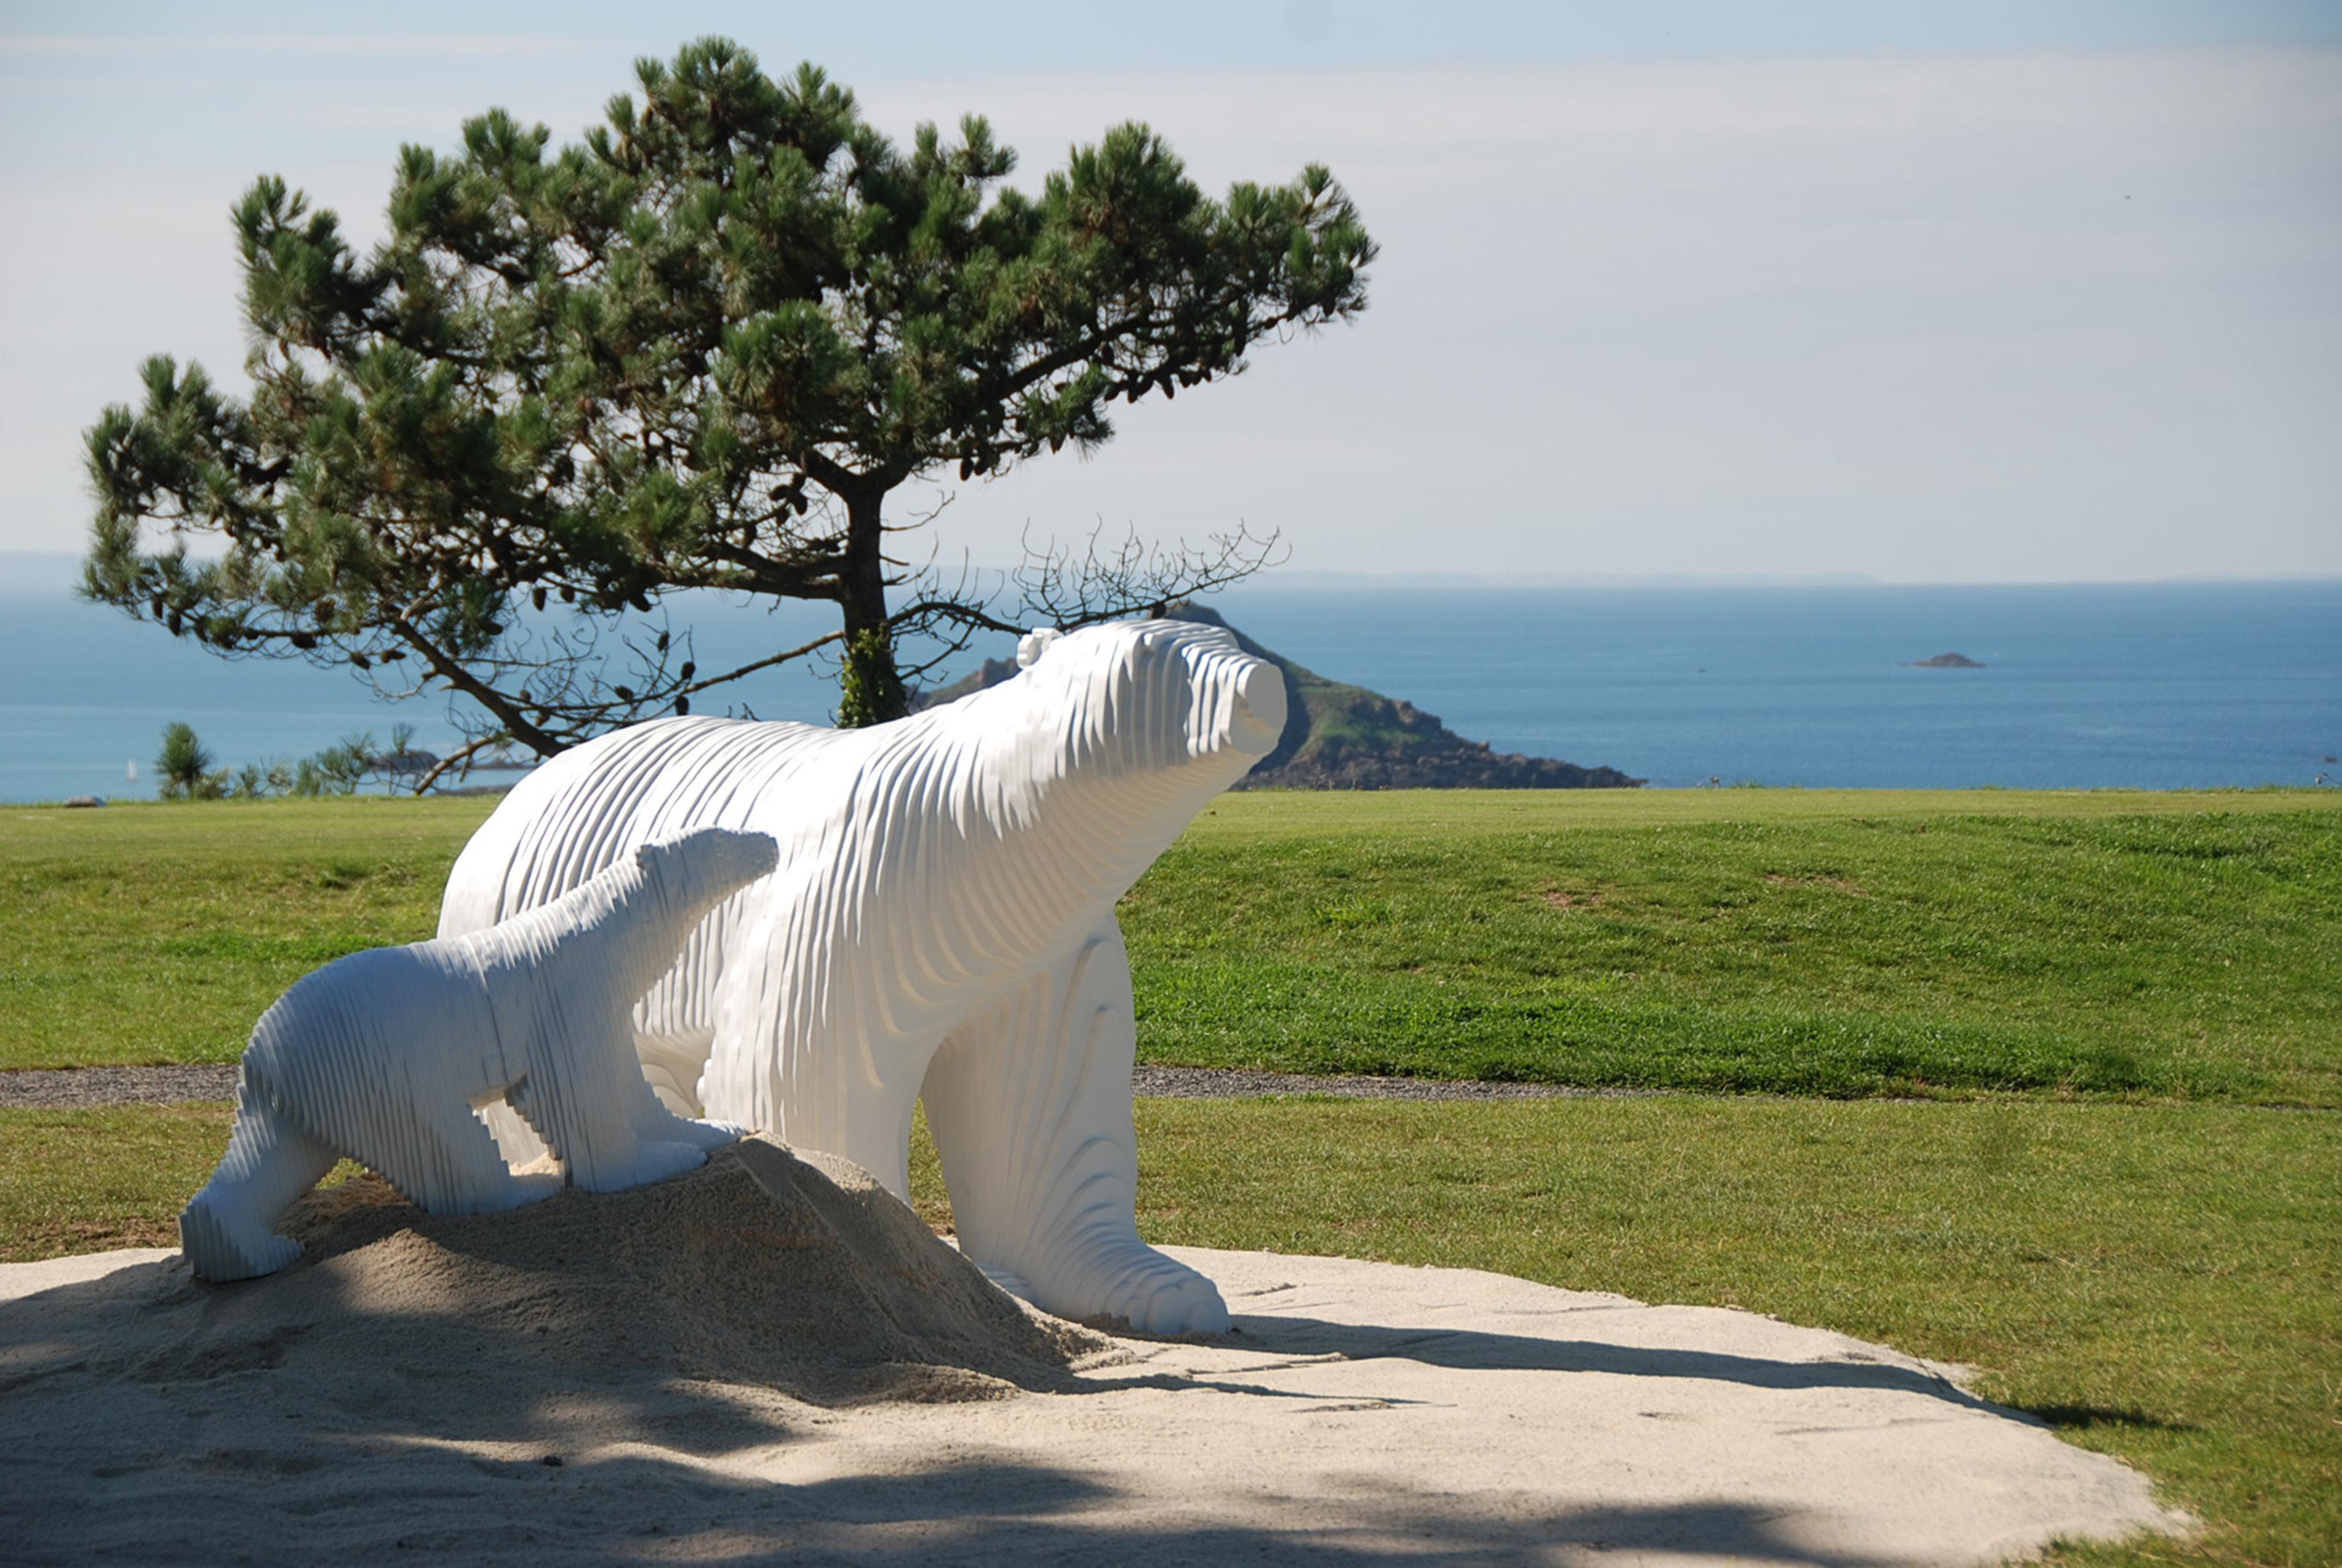 Rendez-vous au Golf de Lancieux : Vente aux enchères estivale de sculptures contemporaines